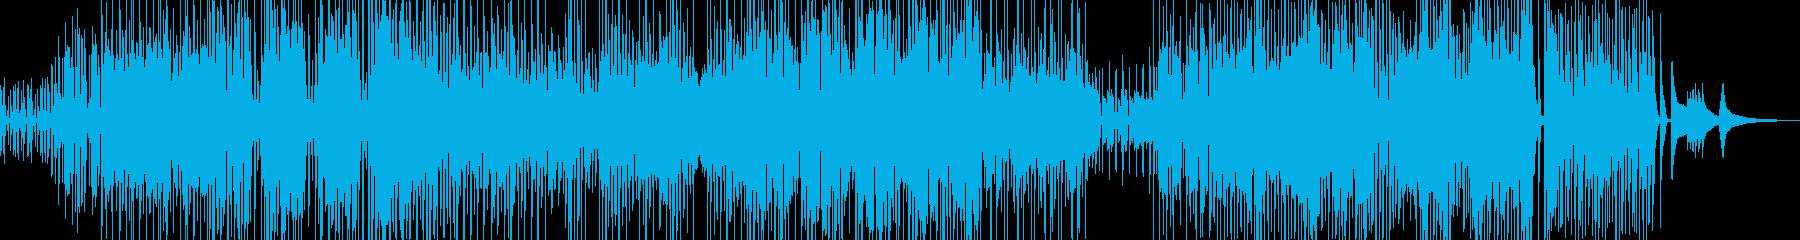 三味線・ユーモラスなジャズ+サックスの再生済みの波形